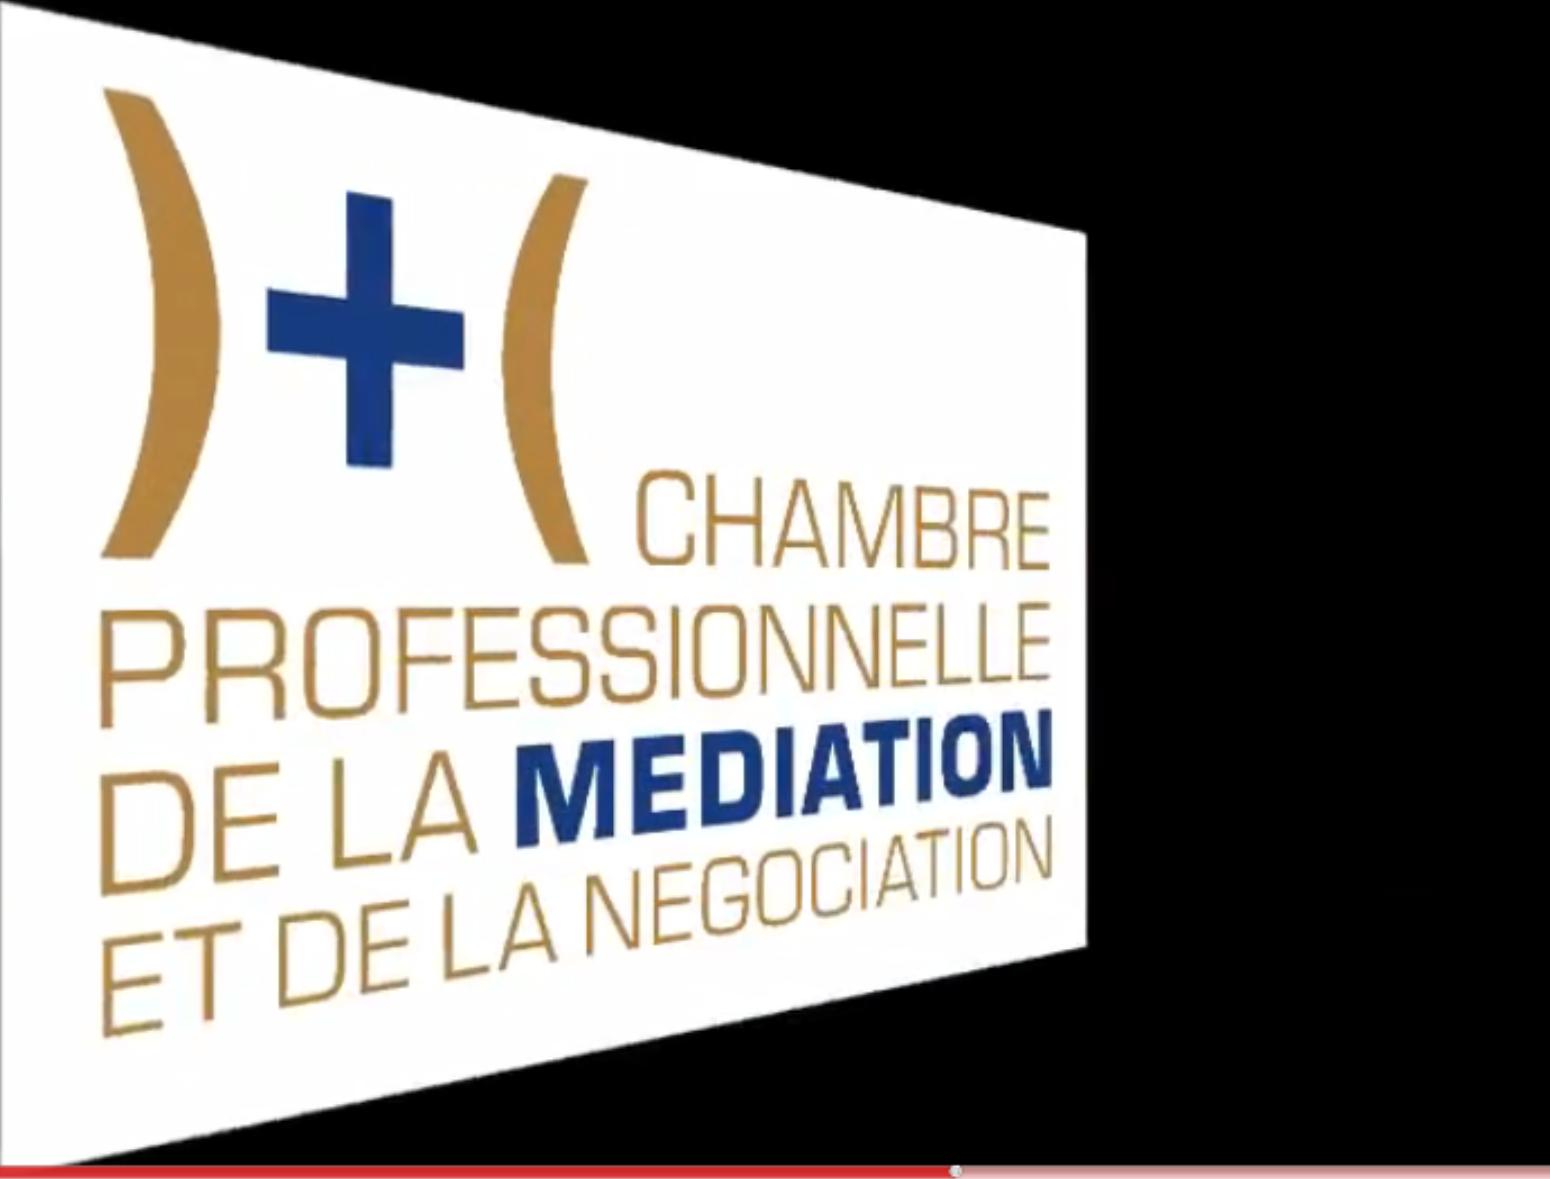 Un conseil national de la m diation et de la conciliation - Chambre professionnelle de la mediation et de la negociation ...